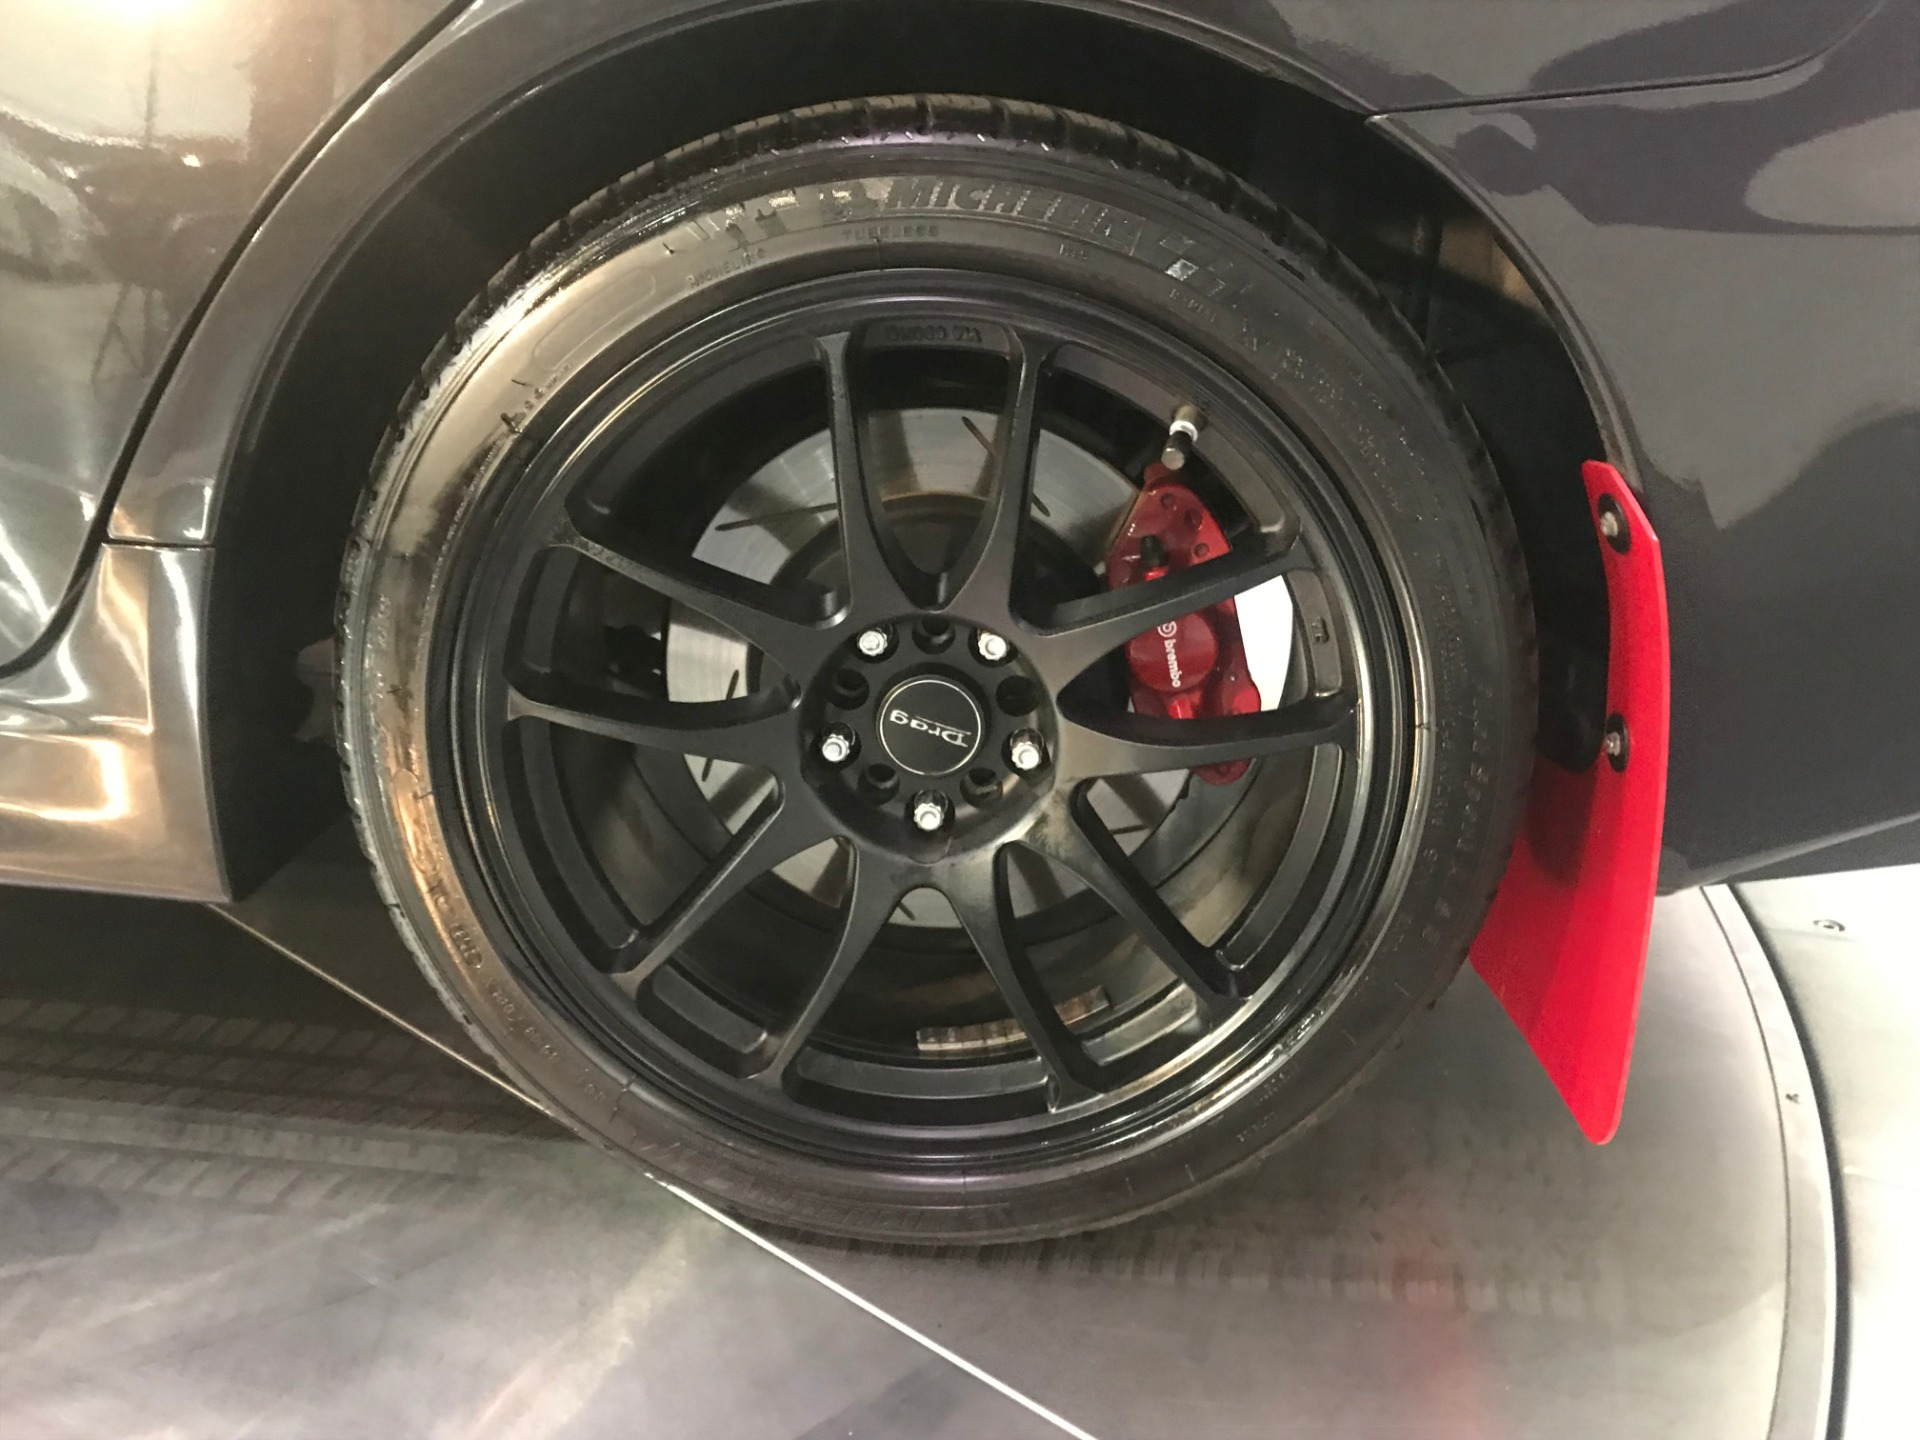 Used-2015-Mitsubishi-Lancer-Evolution-GSR